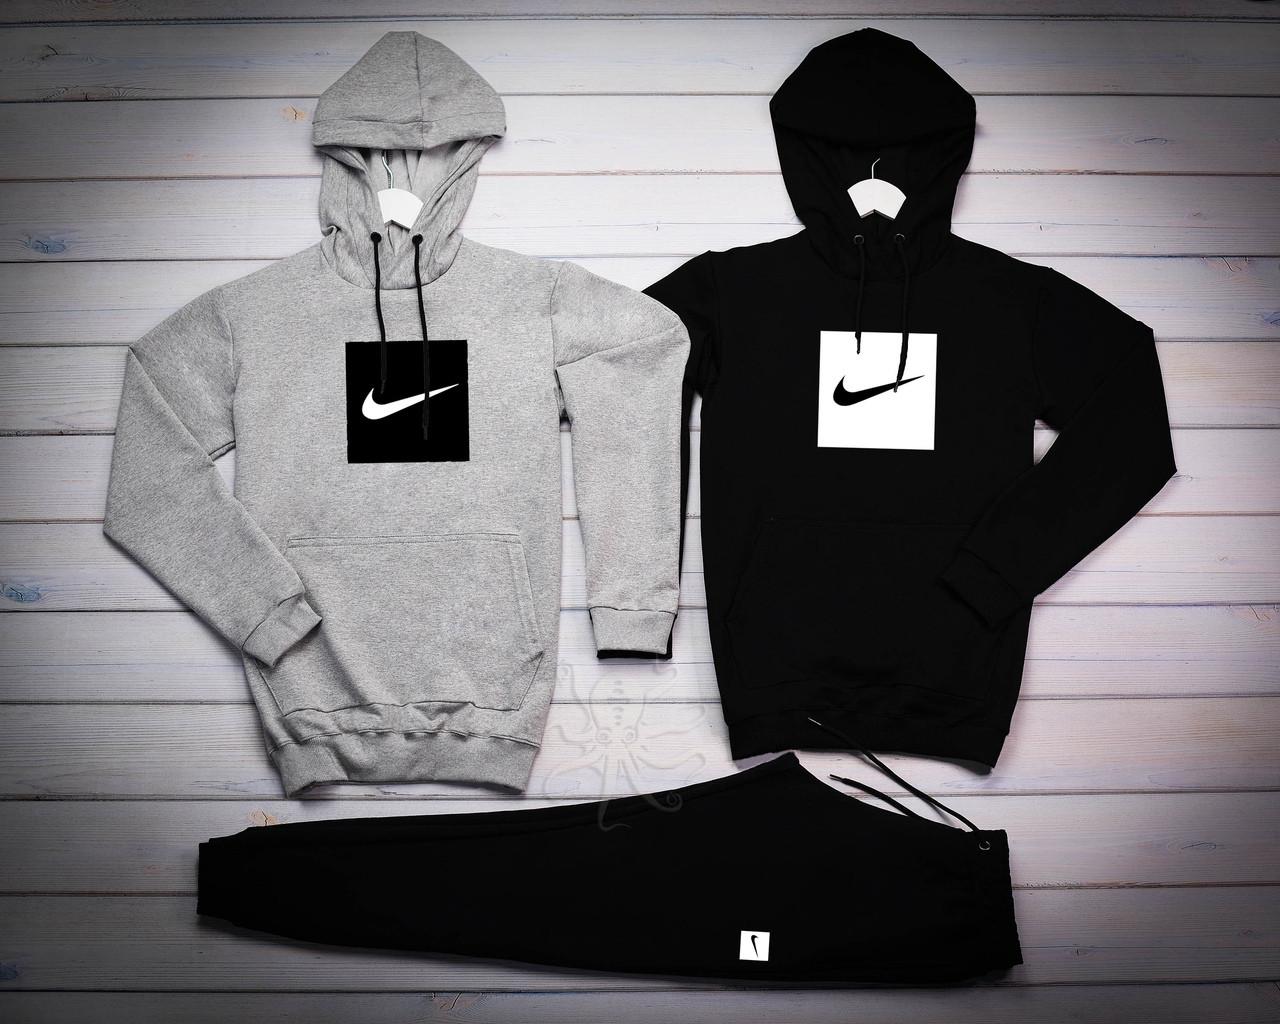 Nike Мужской серый+черный спортивный костюм с капюшоном демисезонный.Худи серое черное штаны черные комплект